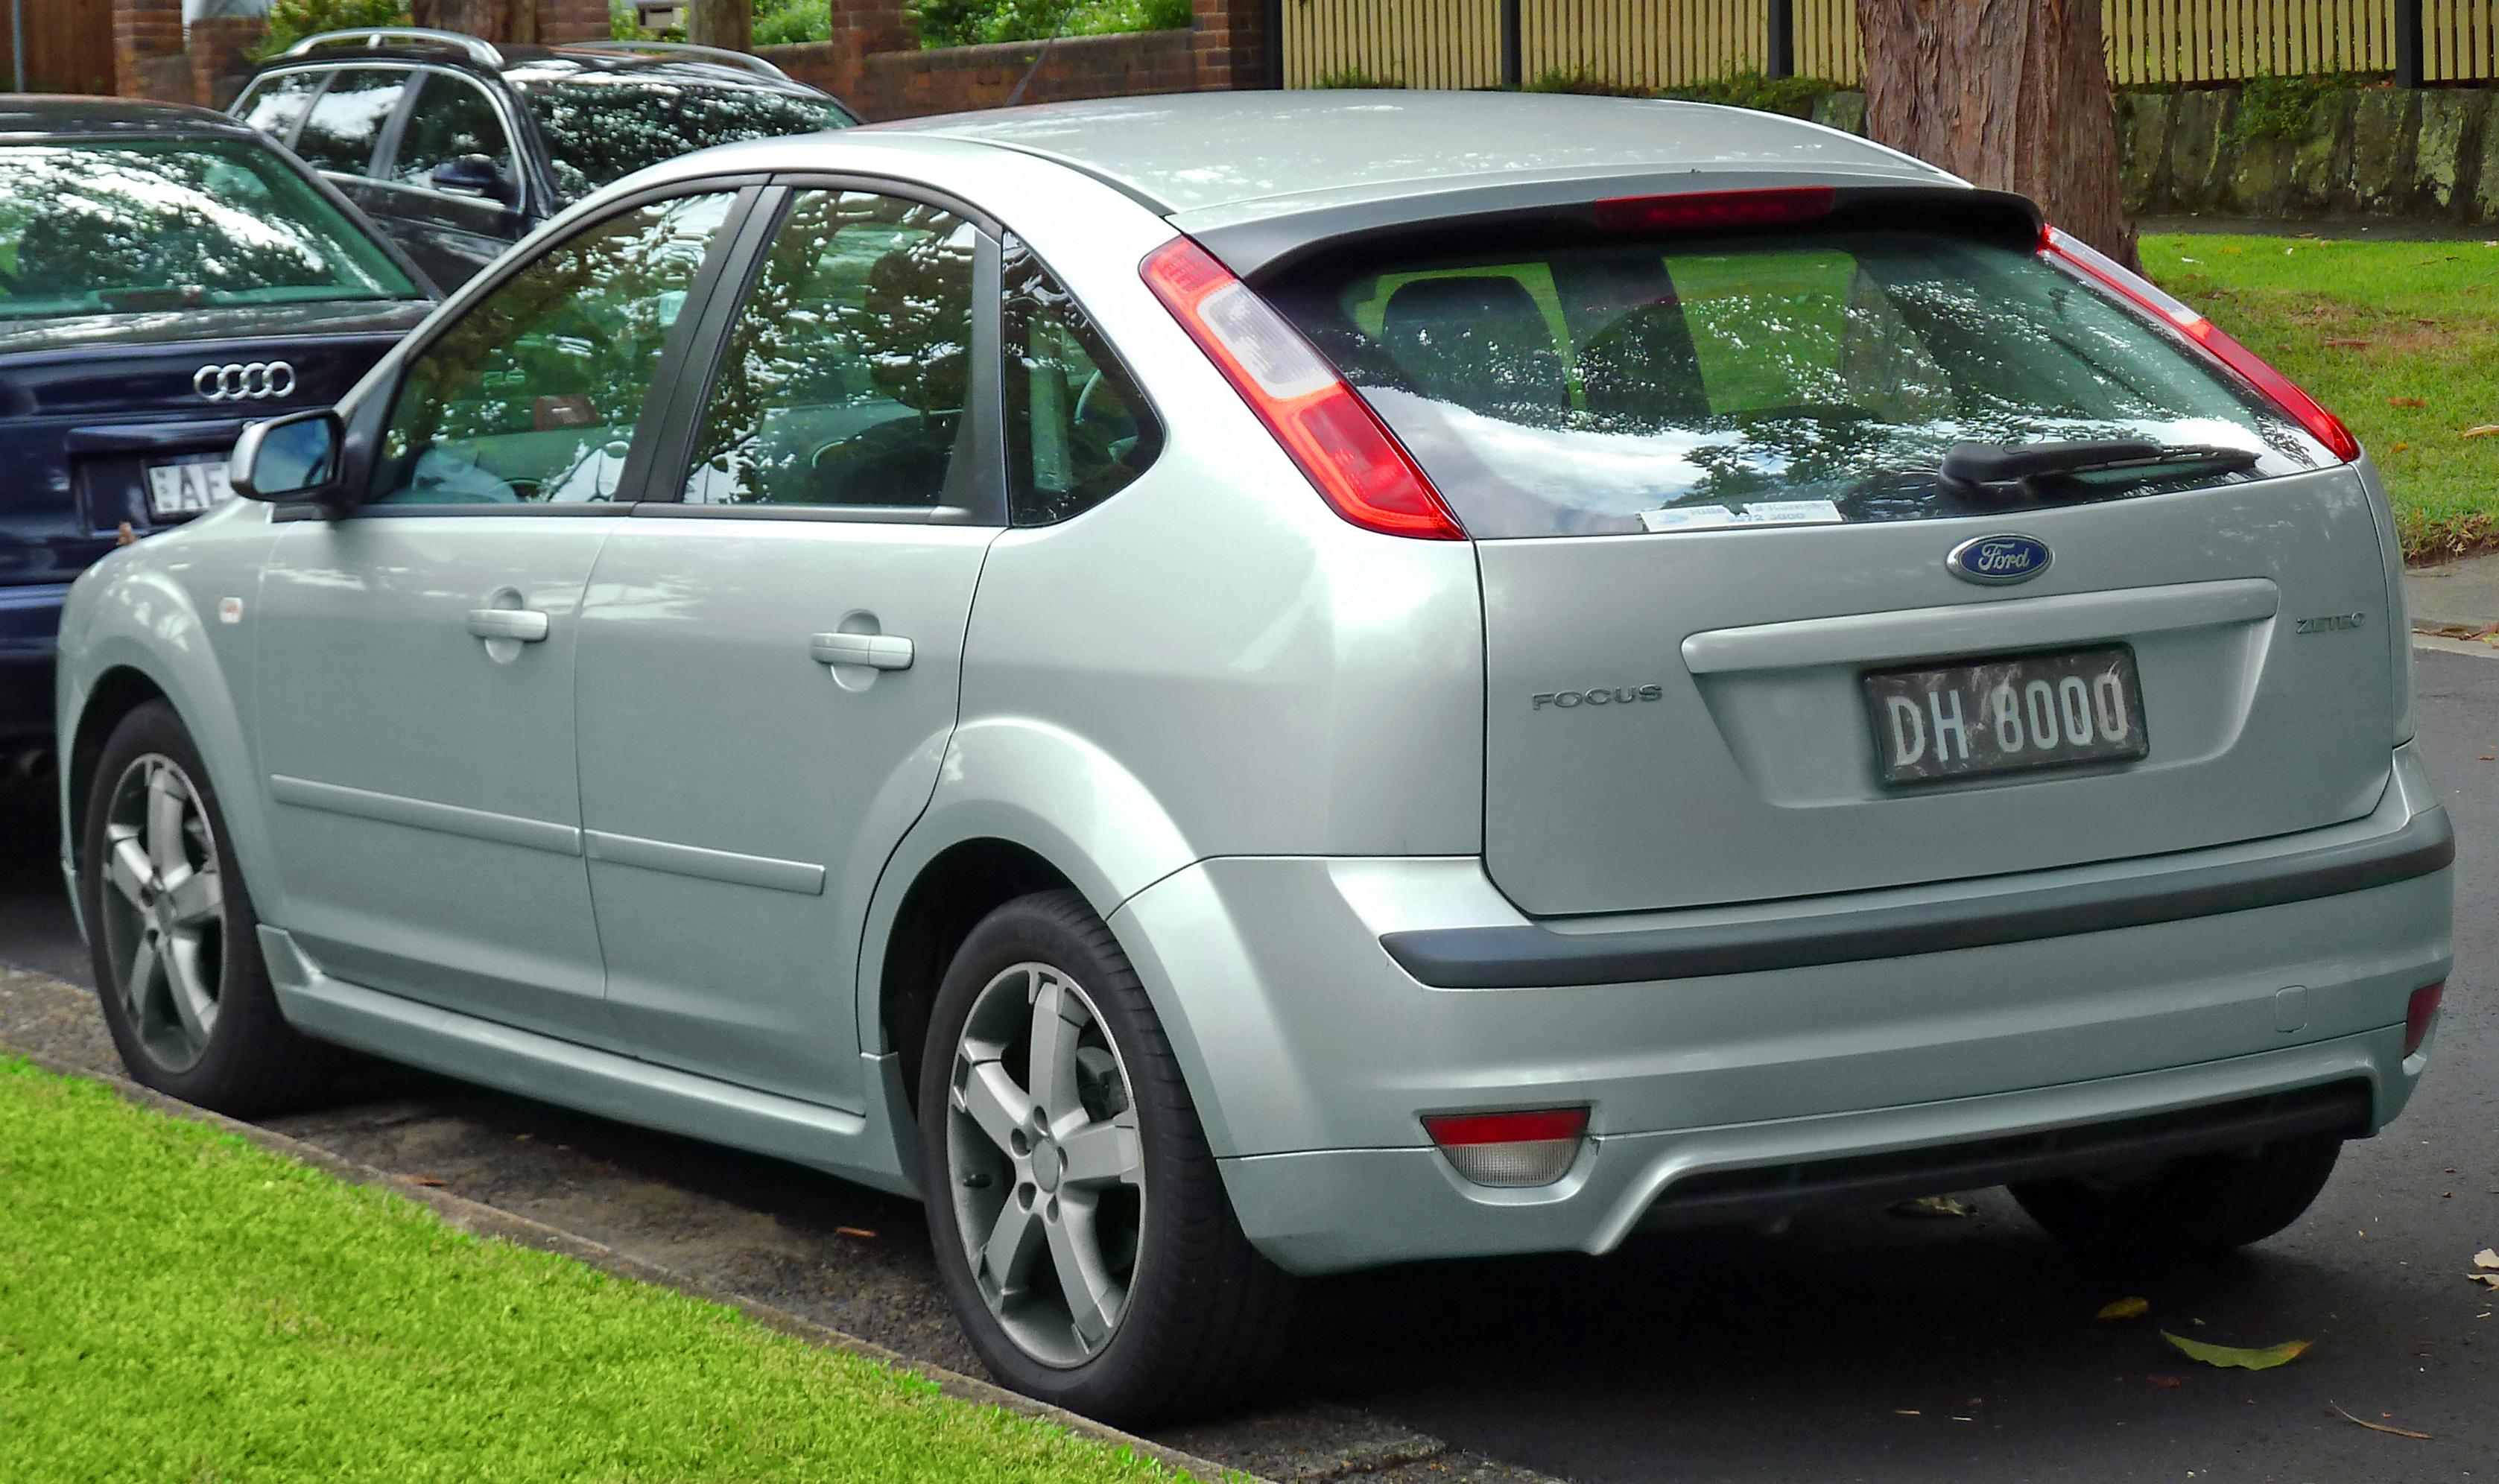 2007 Ford Focus Hatchback >> 2007 Ford Focus 5 Doors - Partsopen